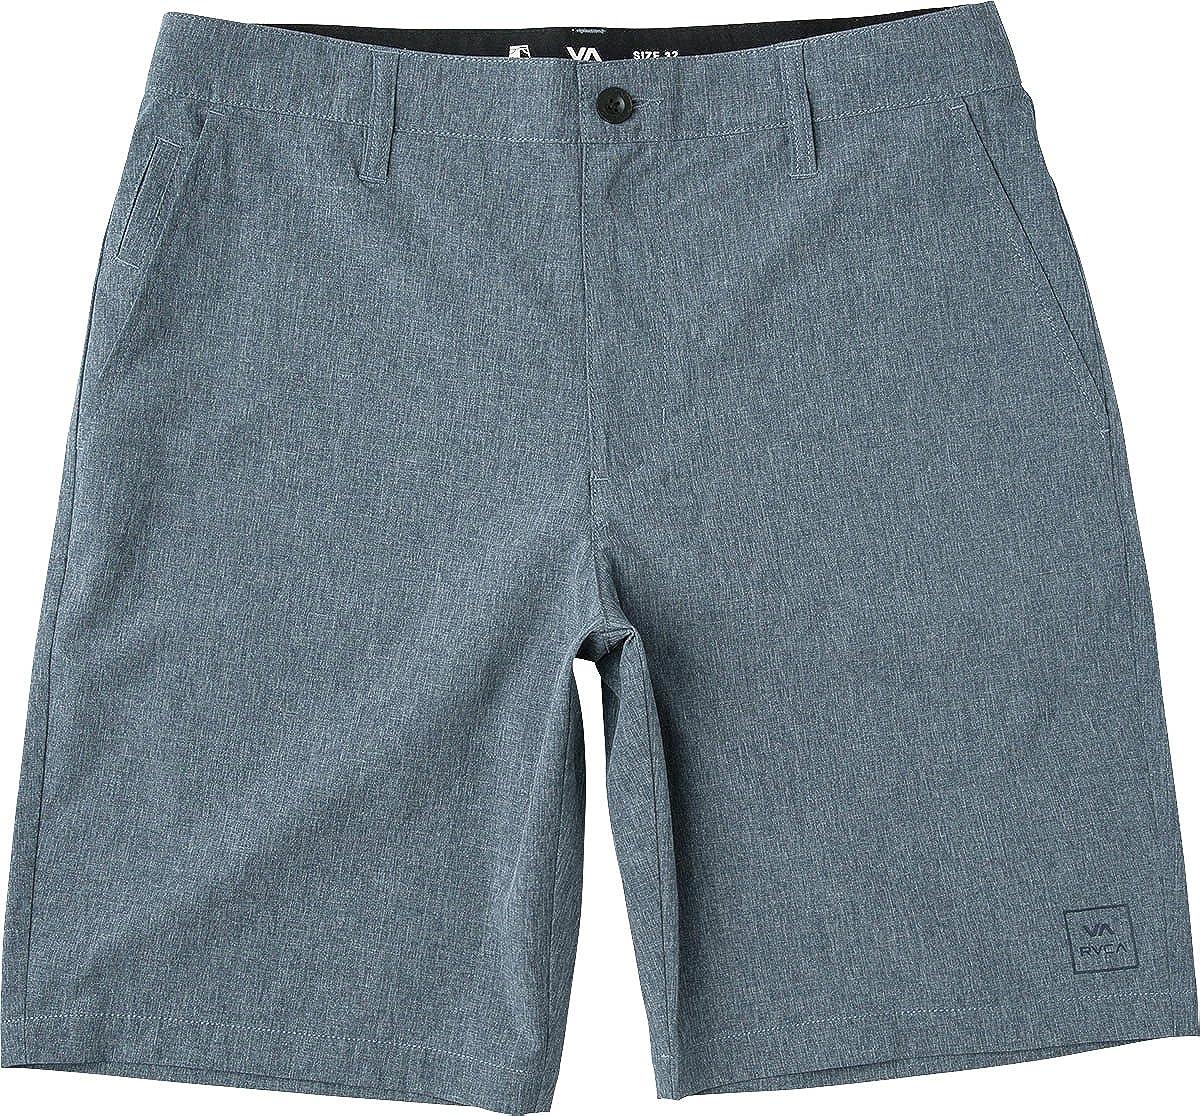 RVCA Men's All The Way Hybrid Short